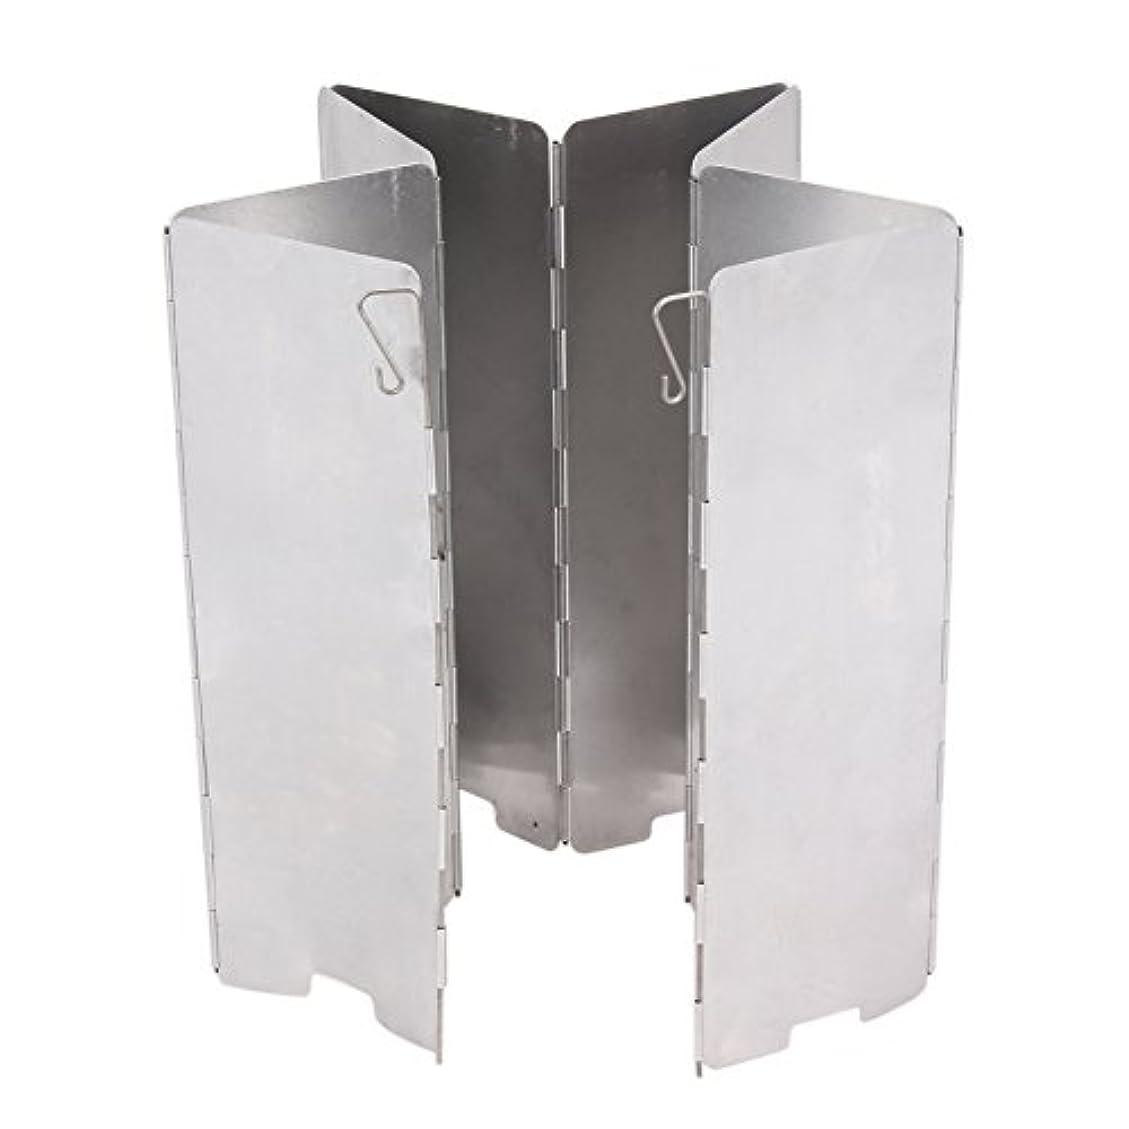 個人的なひばりスポーツをするSIKIWIND 防風板 8枚のプレート 折り畳み式 アルミ製 収納バッグ付き 超軽量 携帯便利 ストーブ用 ウインドスクリーン 風防 延長版